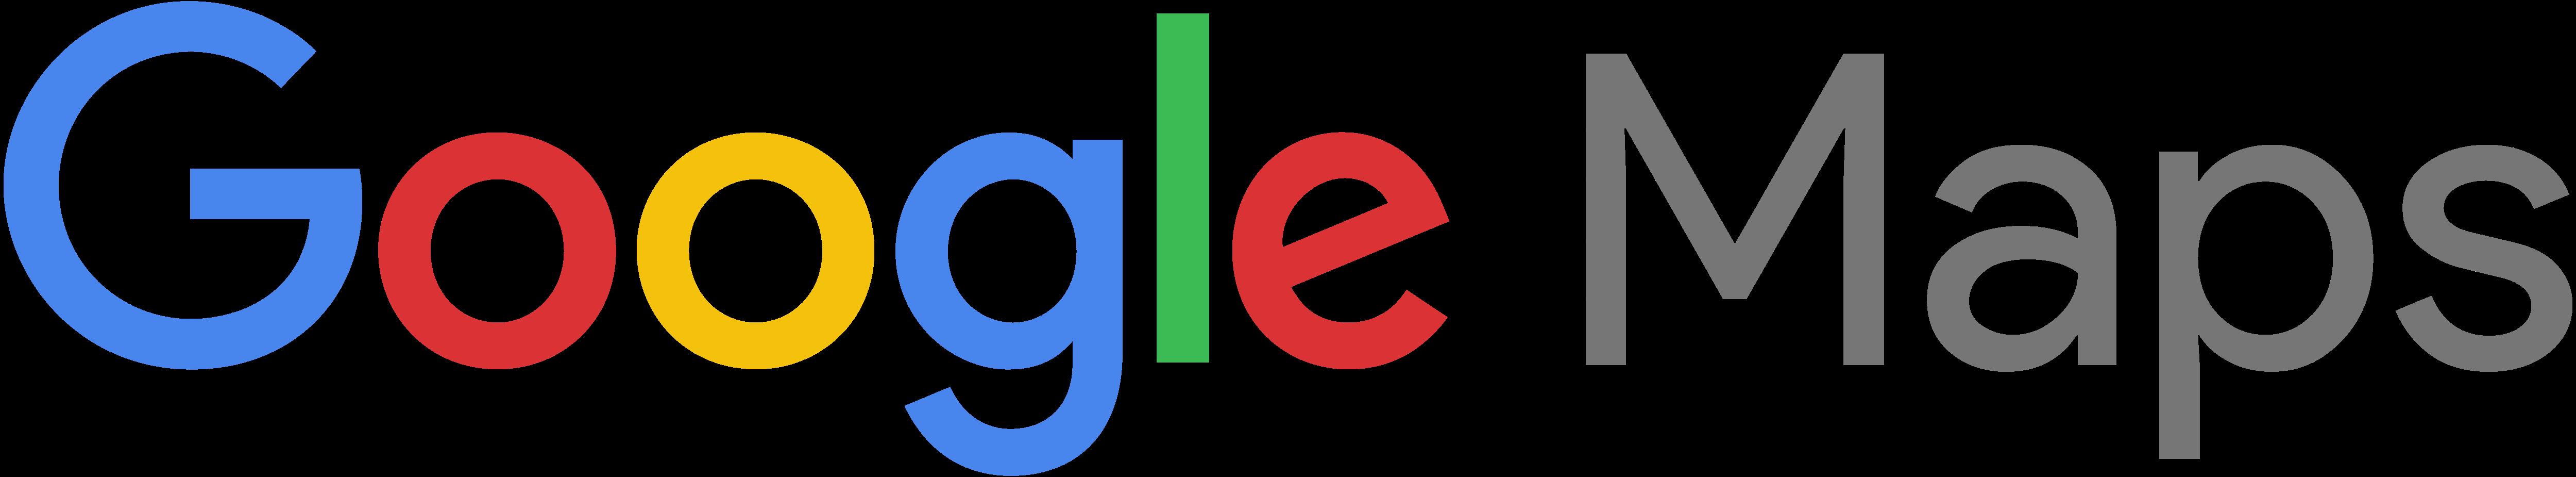 google maps logos download Salesforce Pathfinder Logo Vector salesforce pardot logo vector